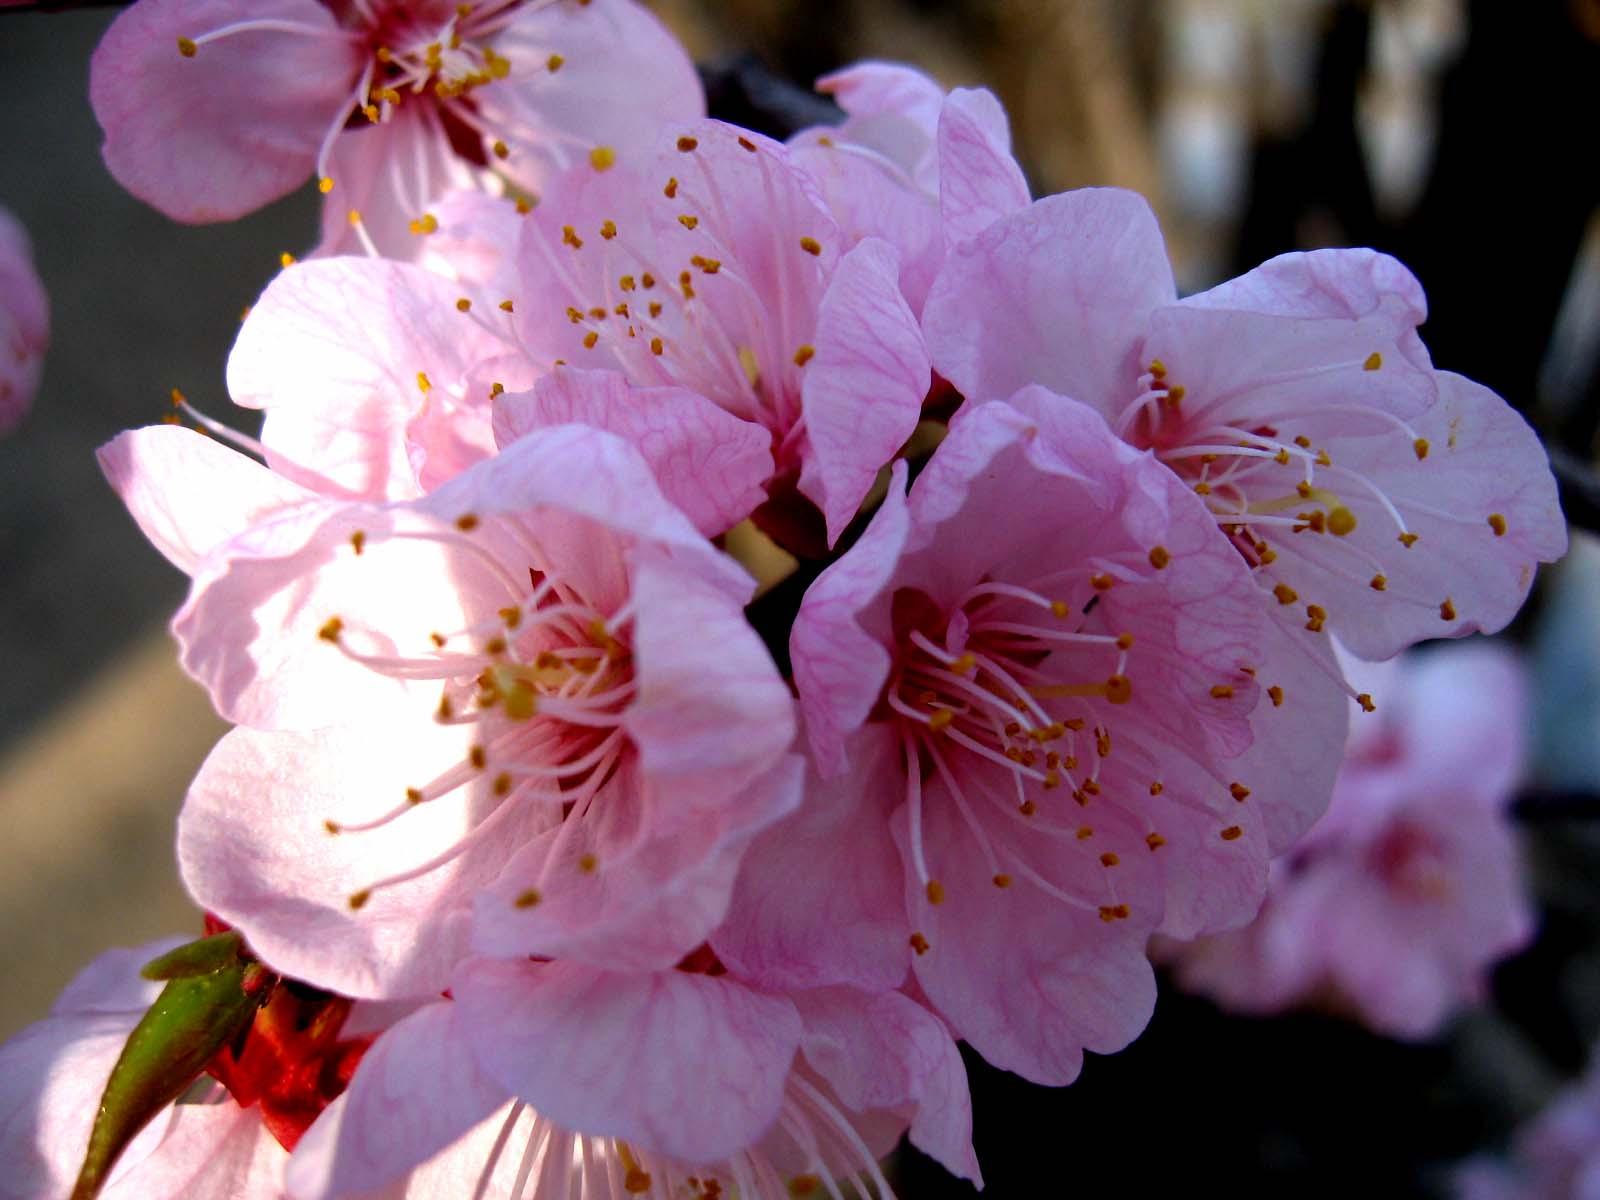 故乡美丽的山杏花(八幅) - 无公害老玉米 - 无公害老玉米的博客